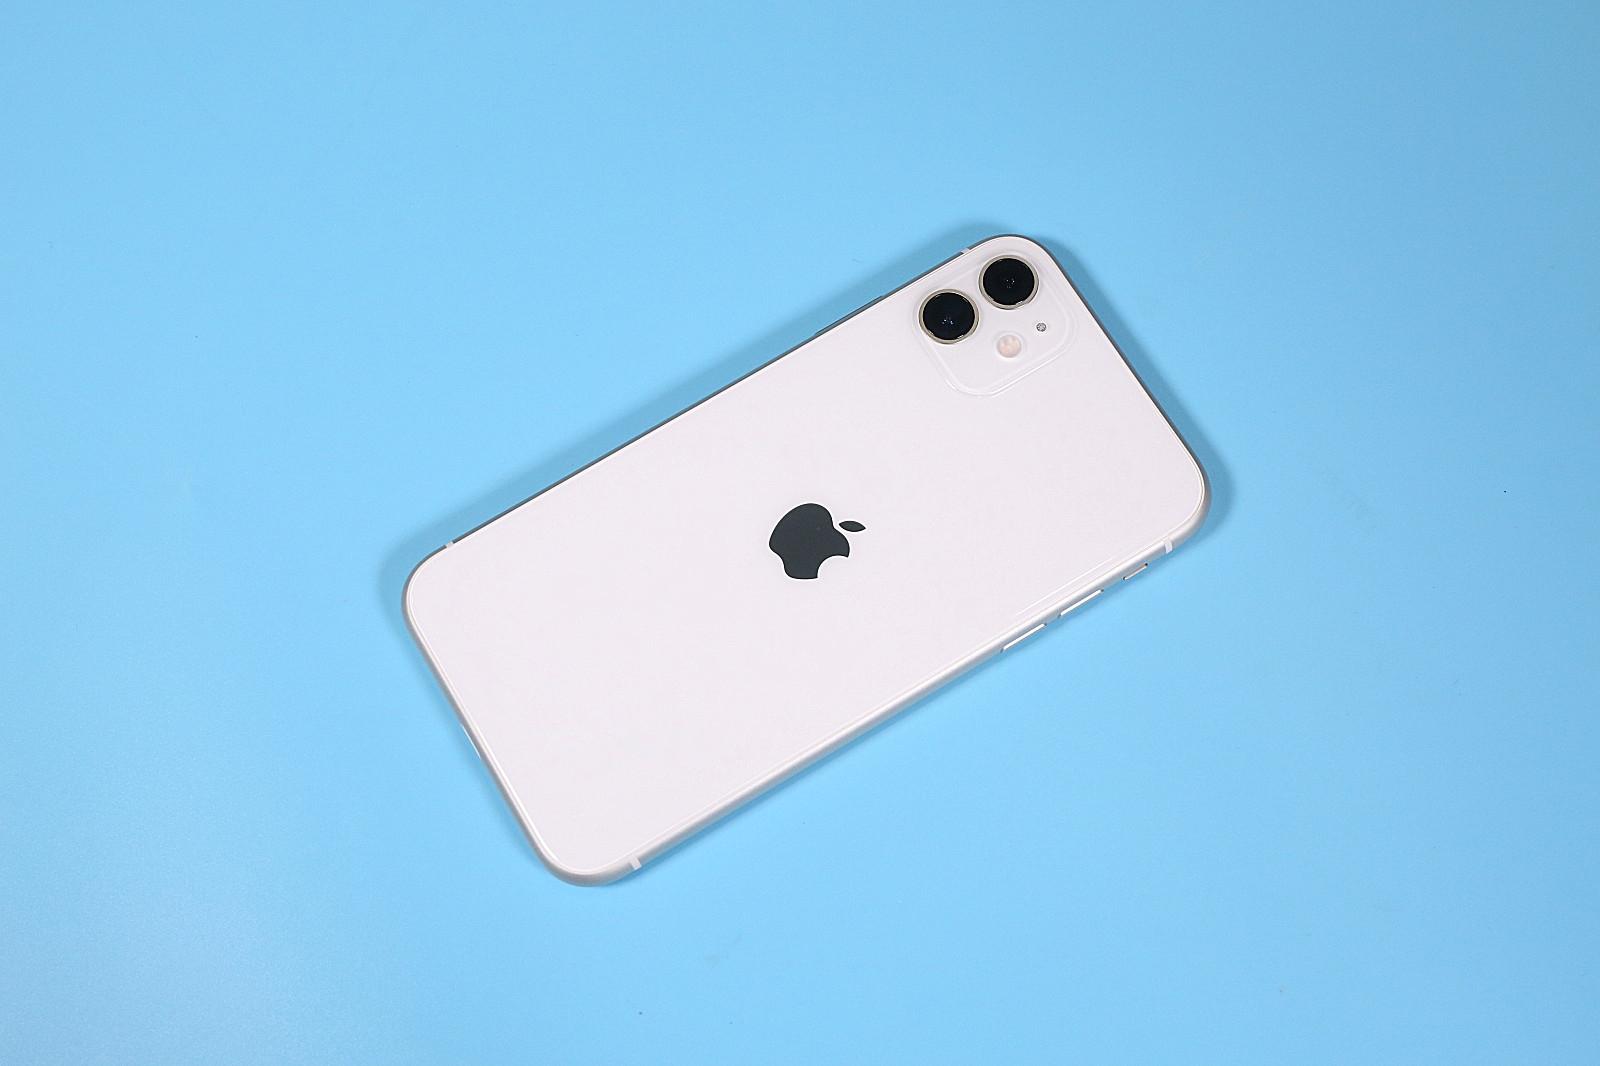 四款iPhone12型号名称曝光!比iPhone11便宜不少